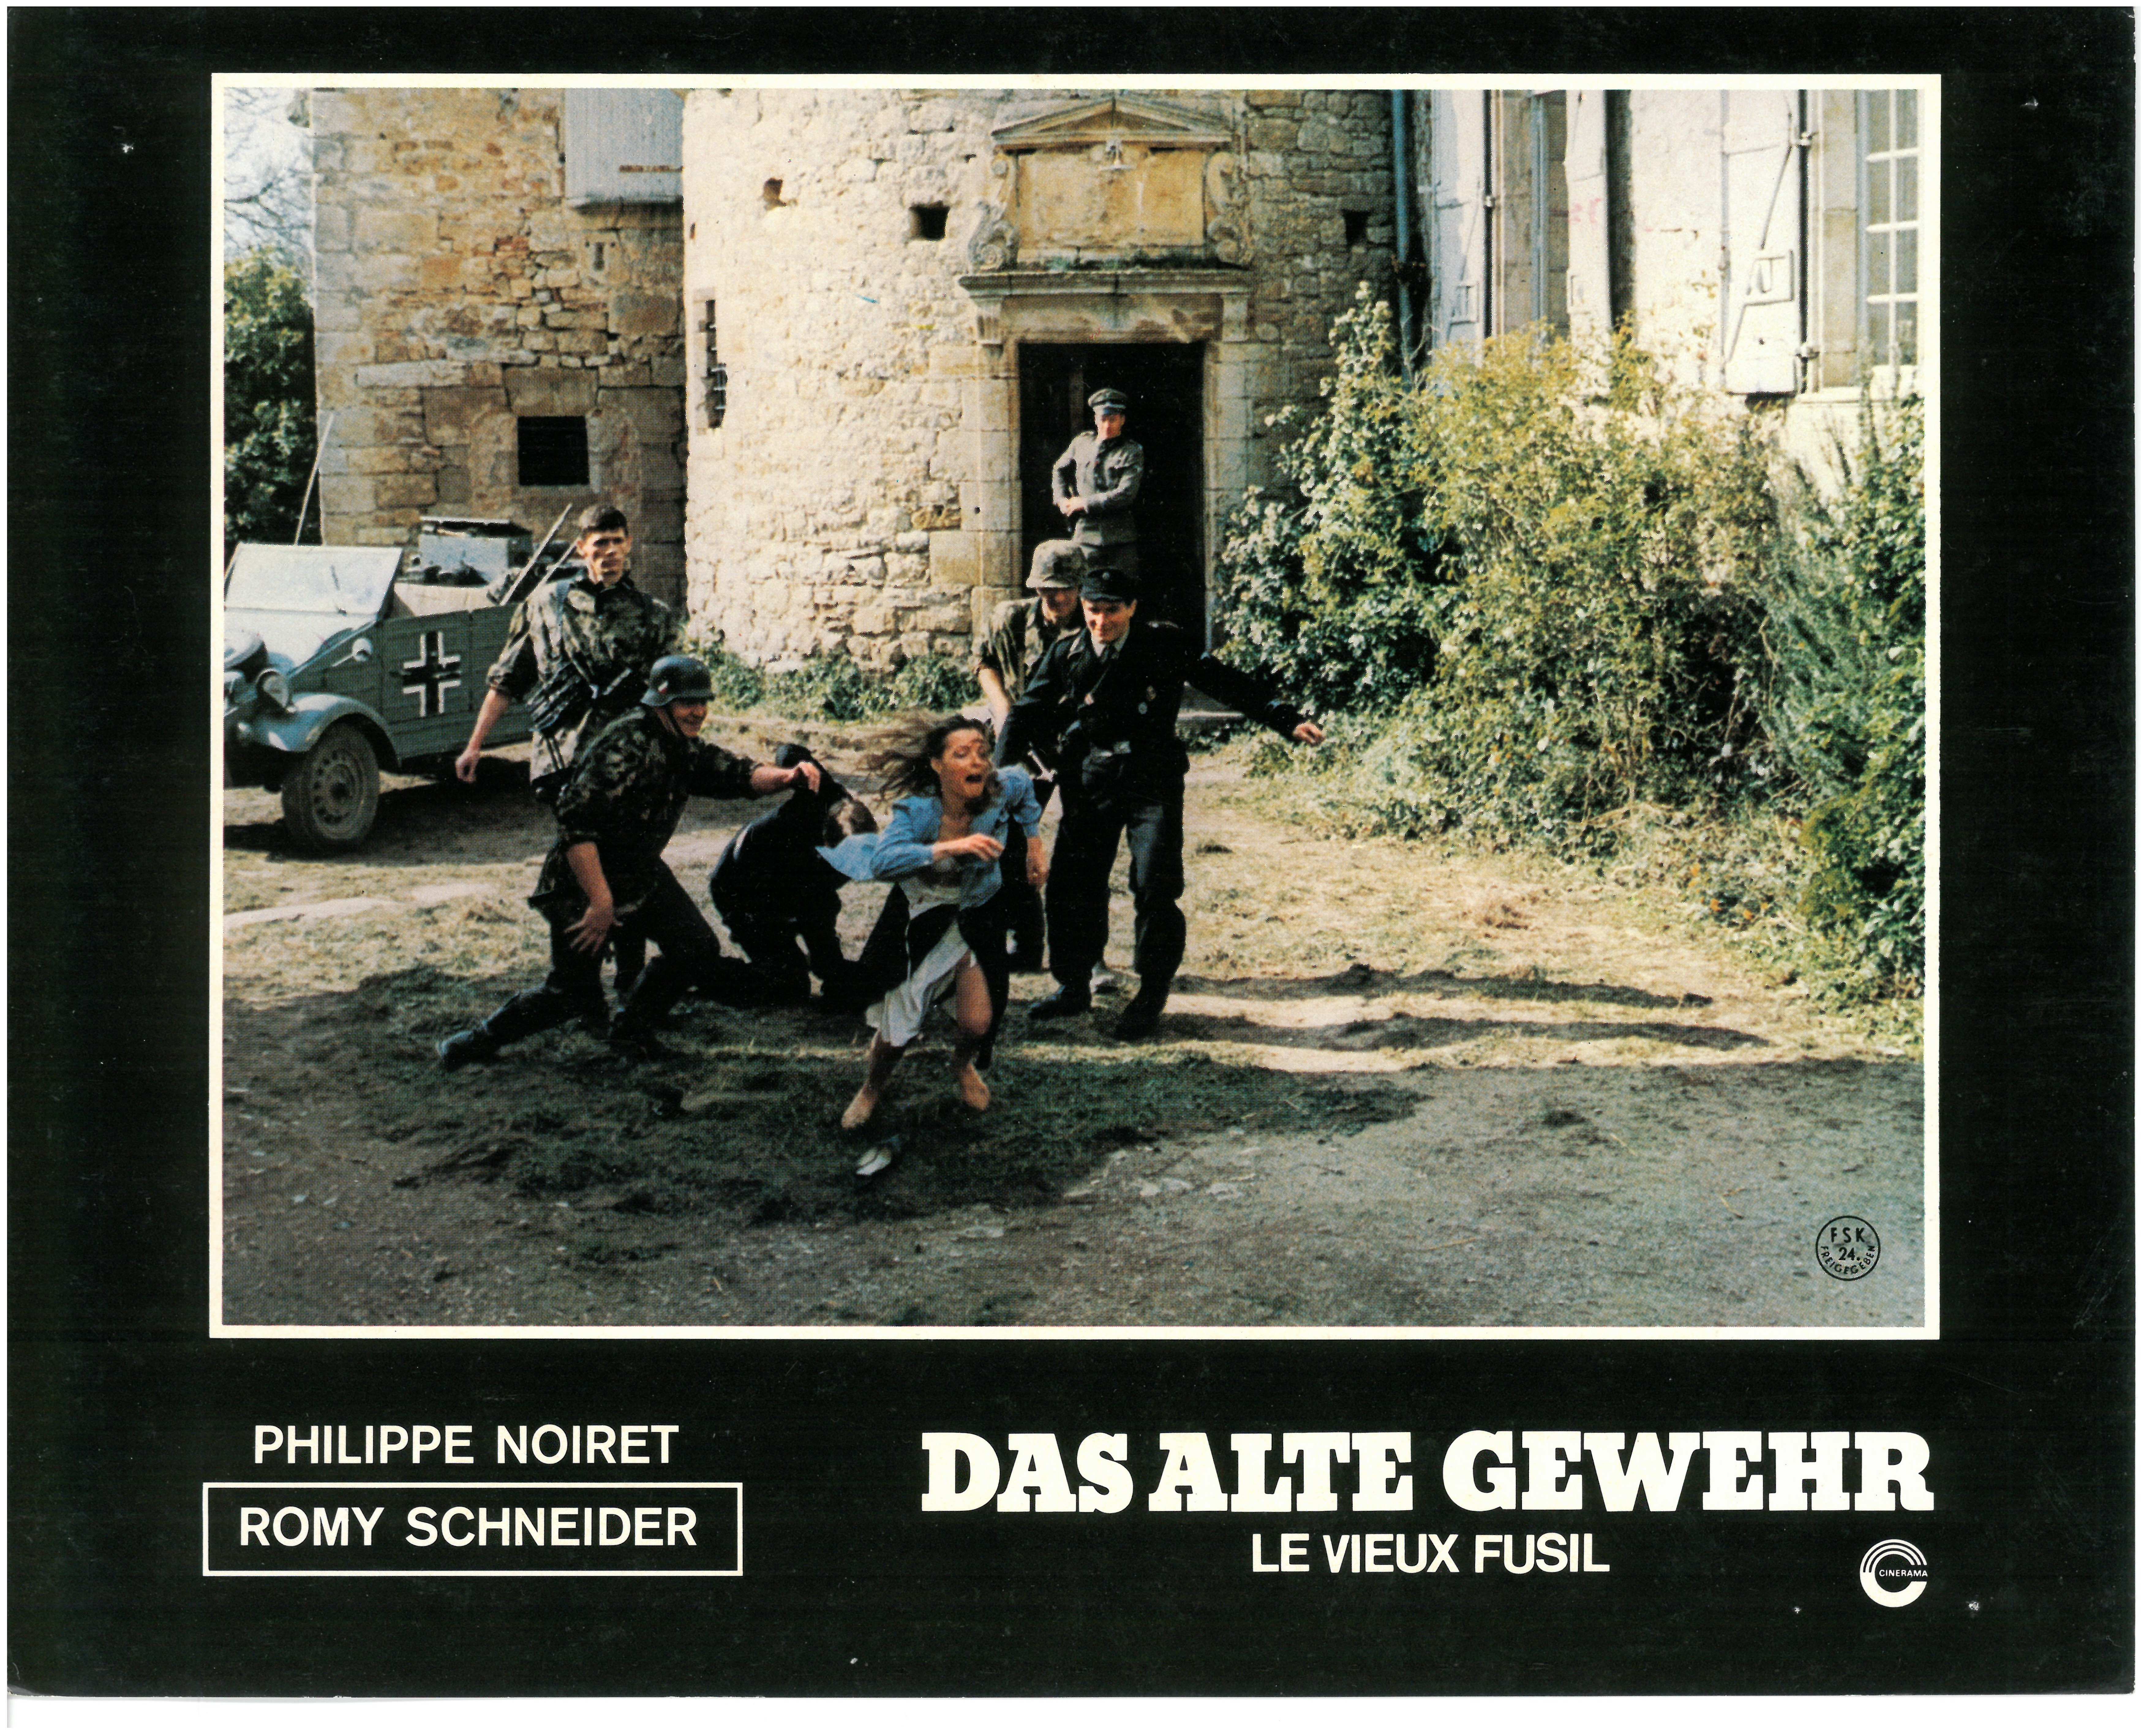 Das alte Gewehr - Le vieux fusil